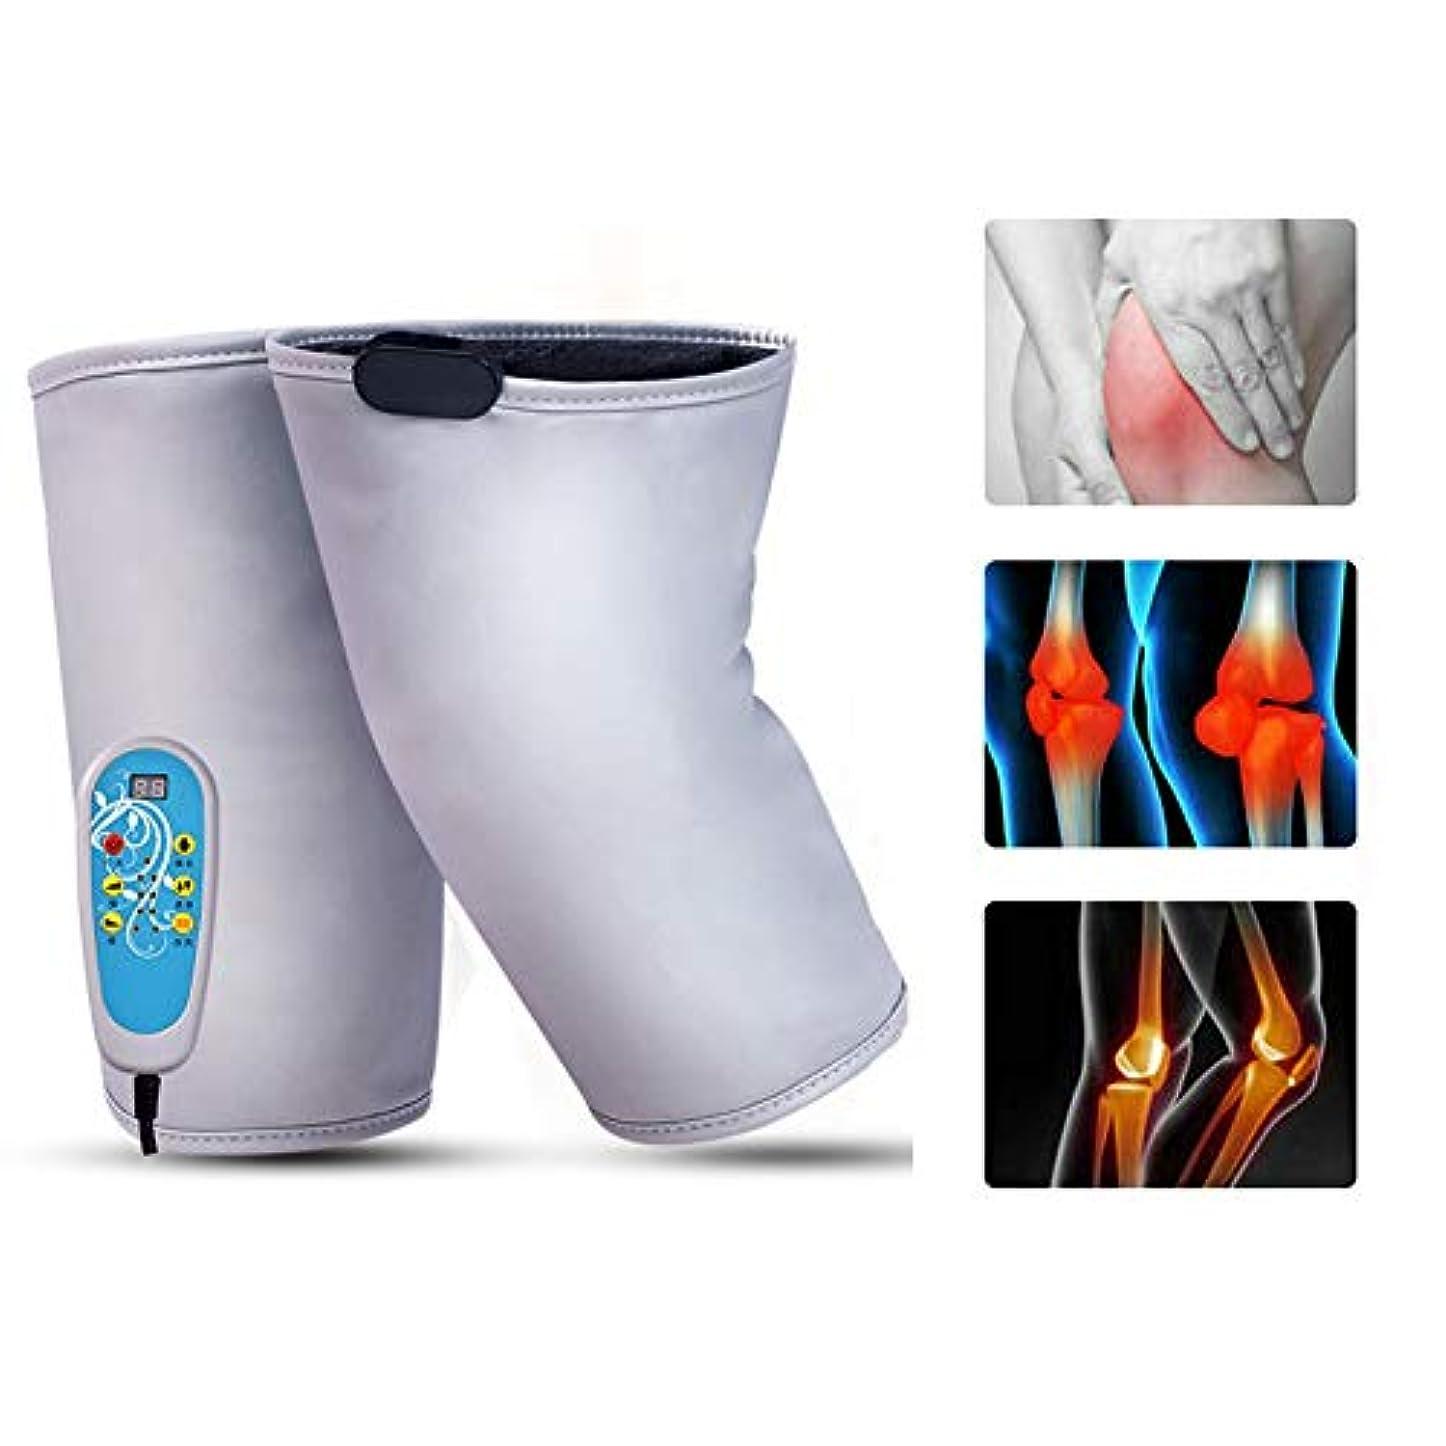 ラフレシアアルノルディ恩恵ボンド暖房膝装具サポート1対加熱膝パッドウォームラップ - 膝のけが、痛みを軽減するための9マッサージモードのセラピーマッサージャー